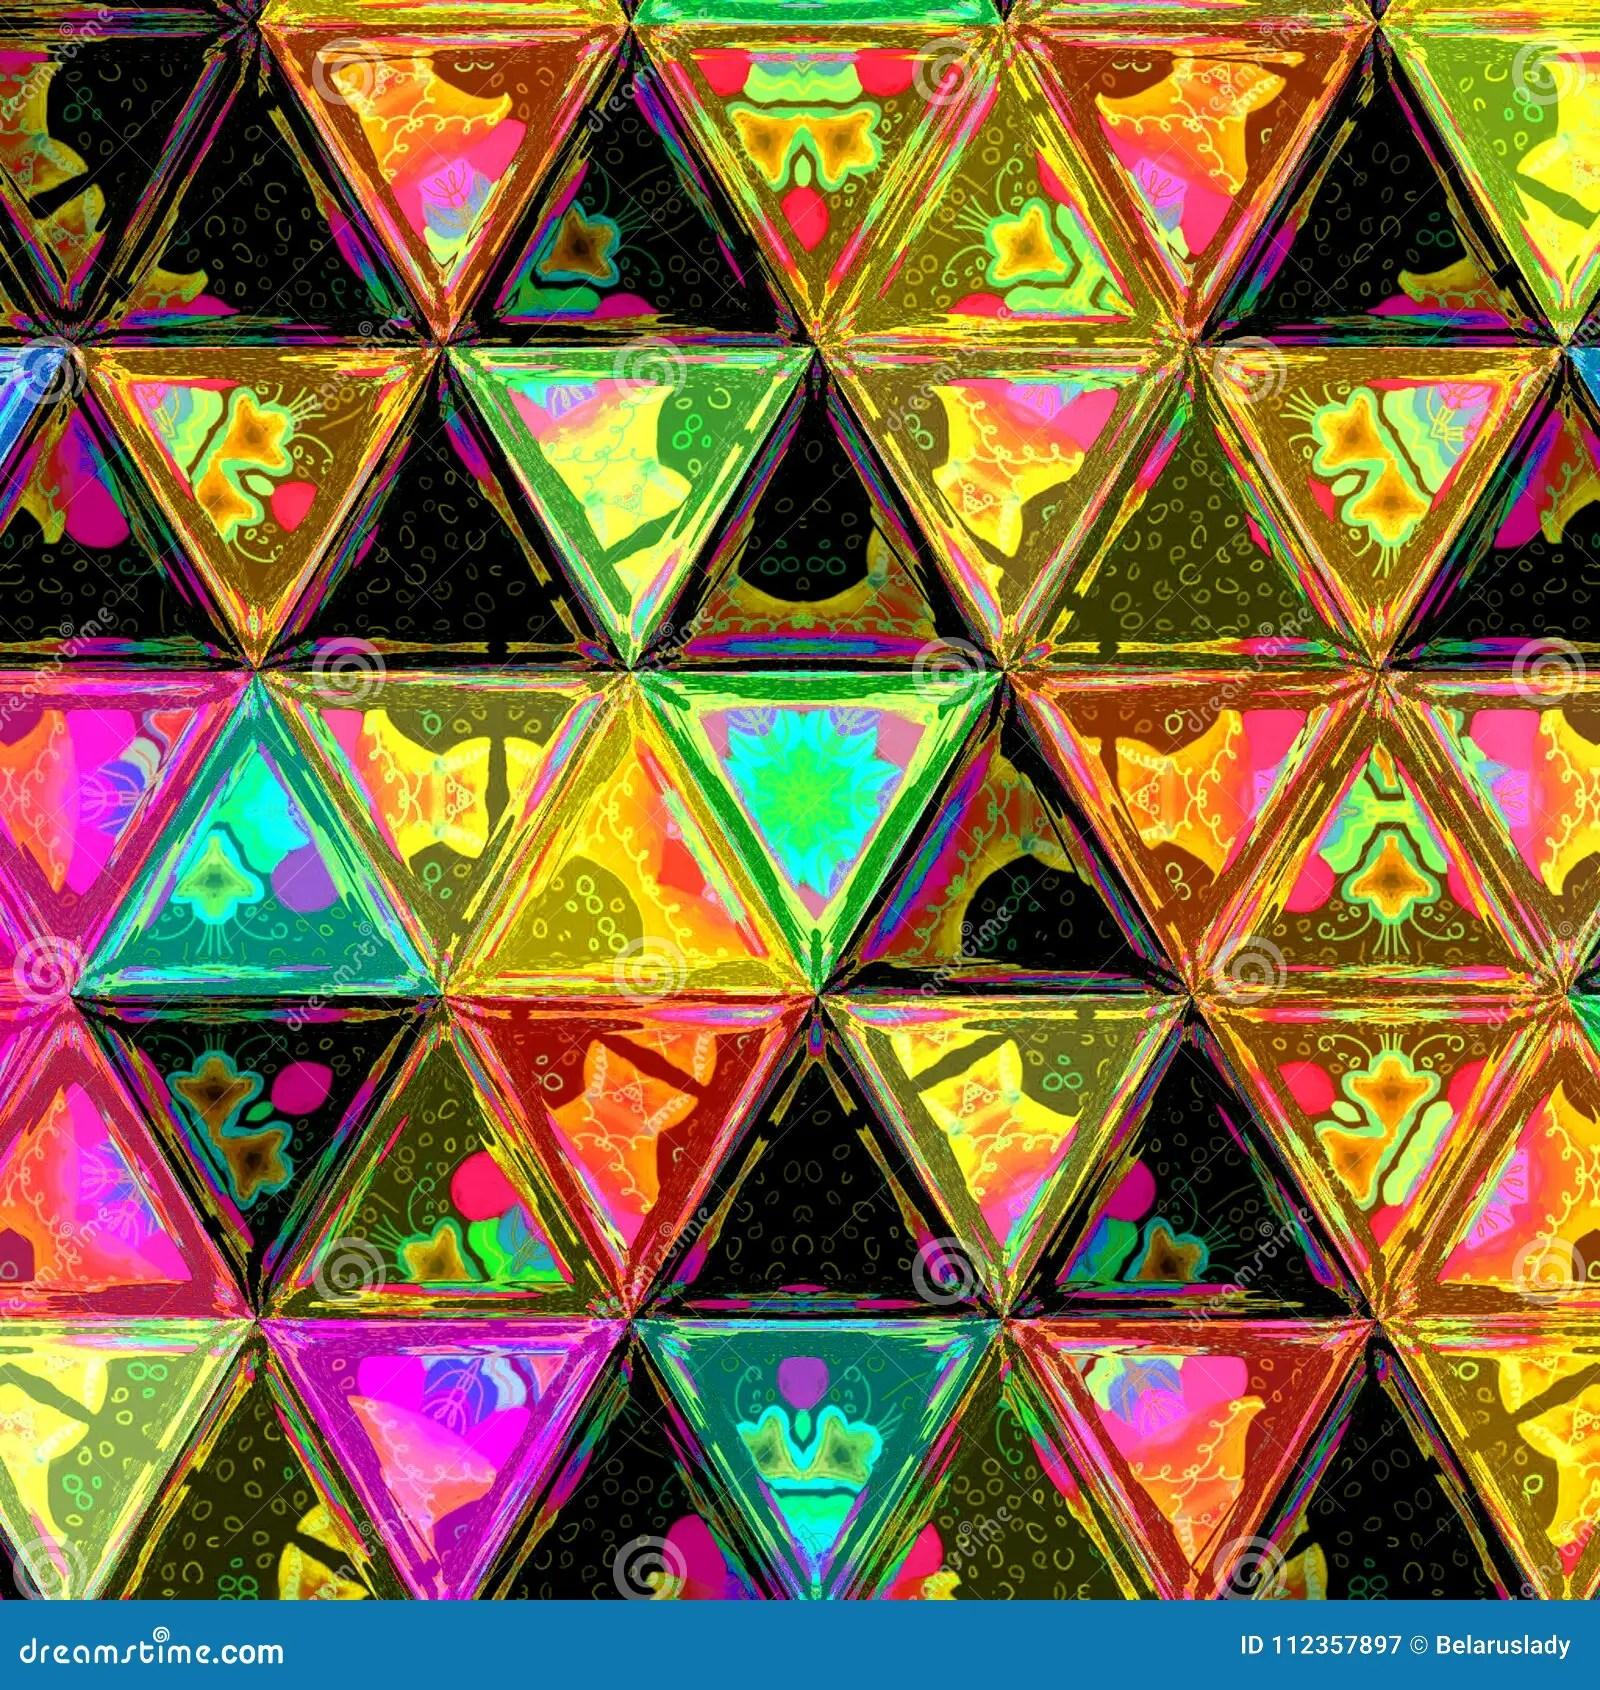 Multicolor Gra Nt Triangle Square Tiles Geometric